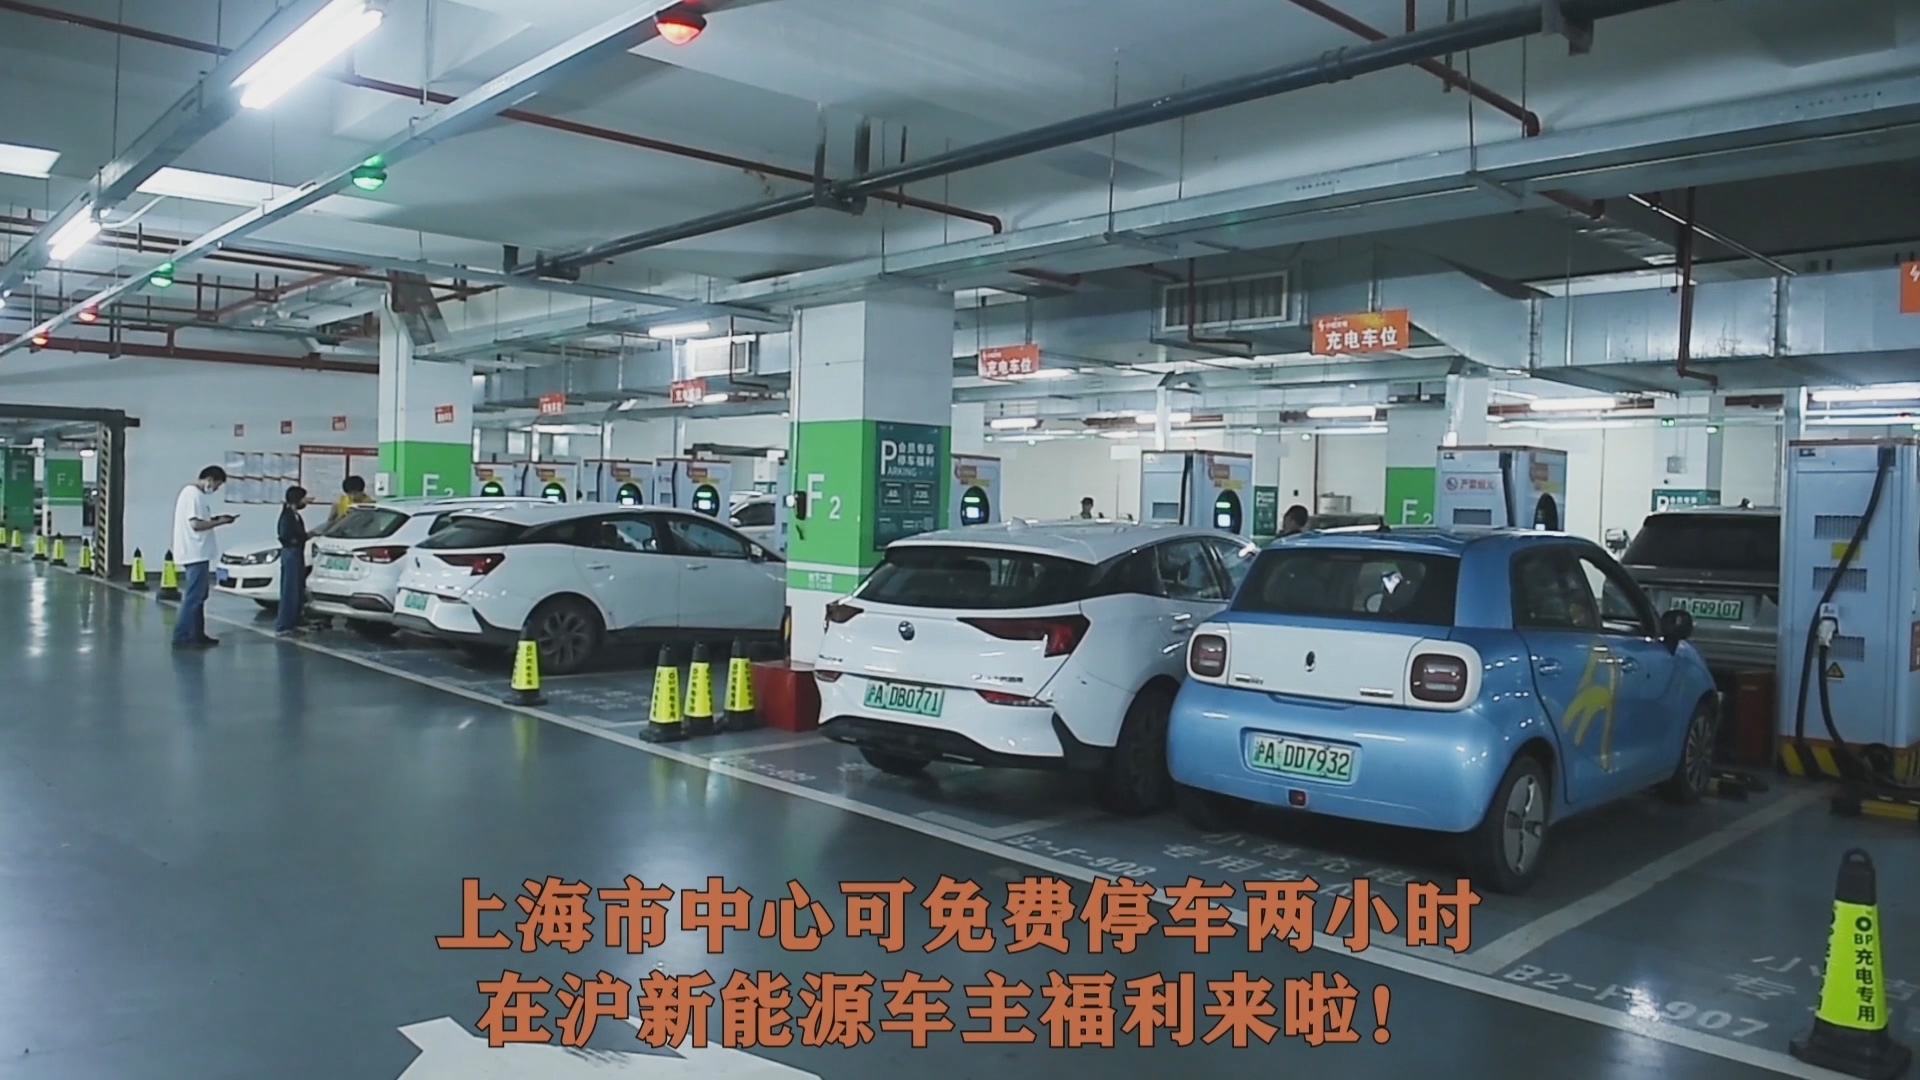 上海免费停车2小时还可充电,车主:分时段收费合理